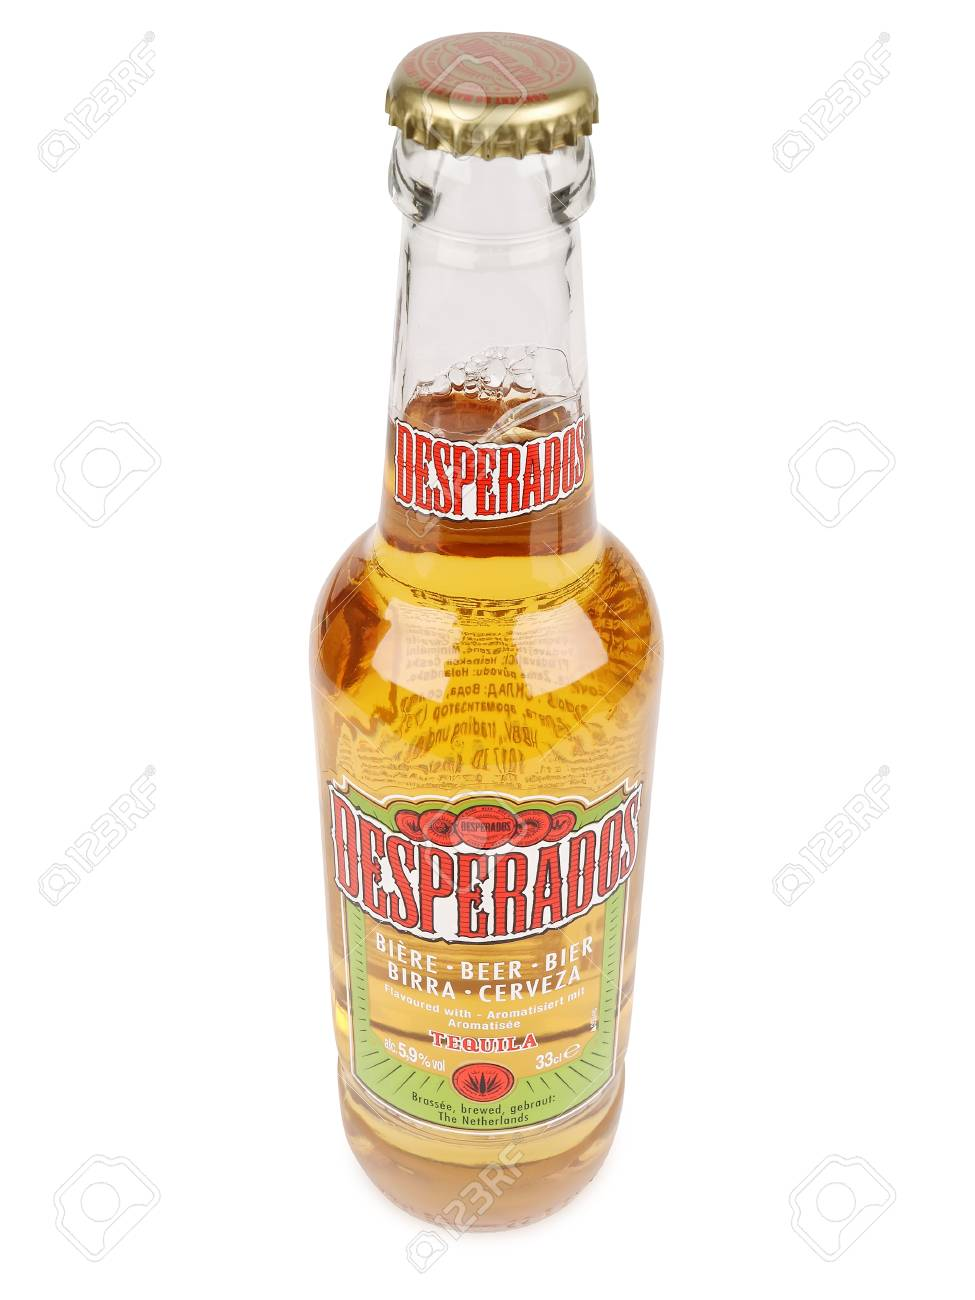 Pula Croatie 27 Fevrier 2016 Desperados Lager Aromatise Avec De La Tequila Est Une Biere Populaire Produite Par Heineken Et Vendus Dans Plus De 50 Pays Banque D Images Et Photos Libres